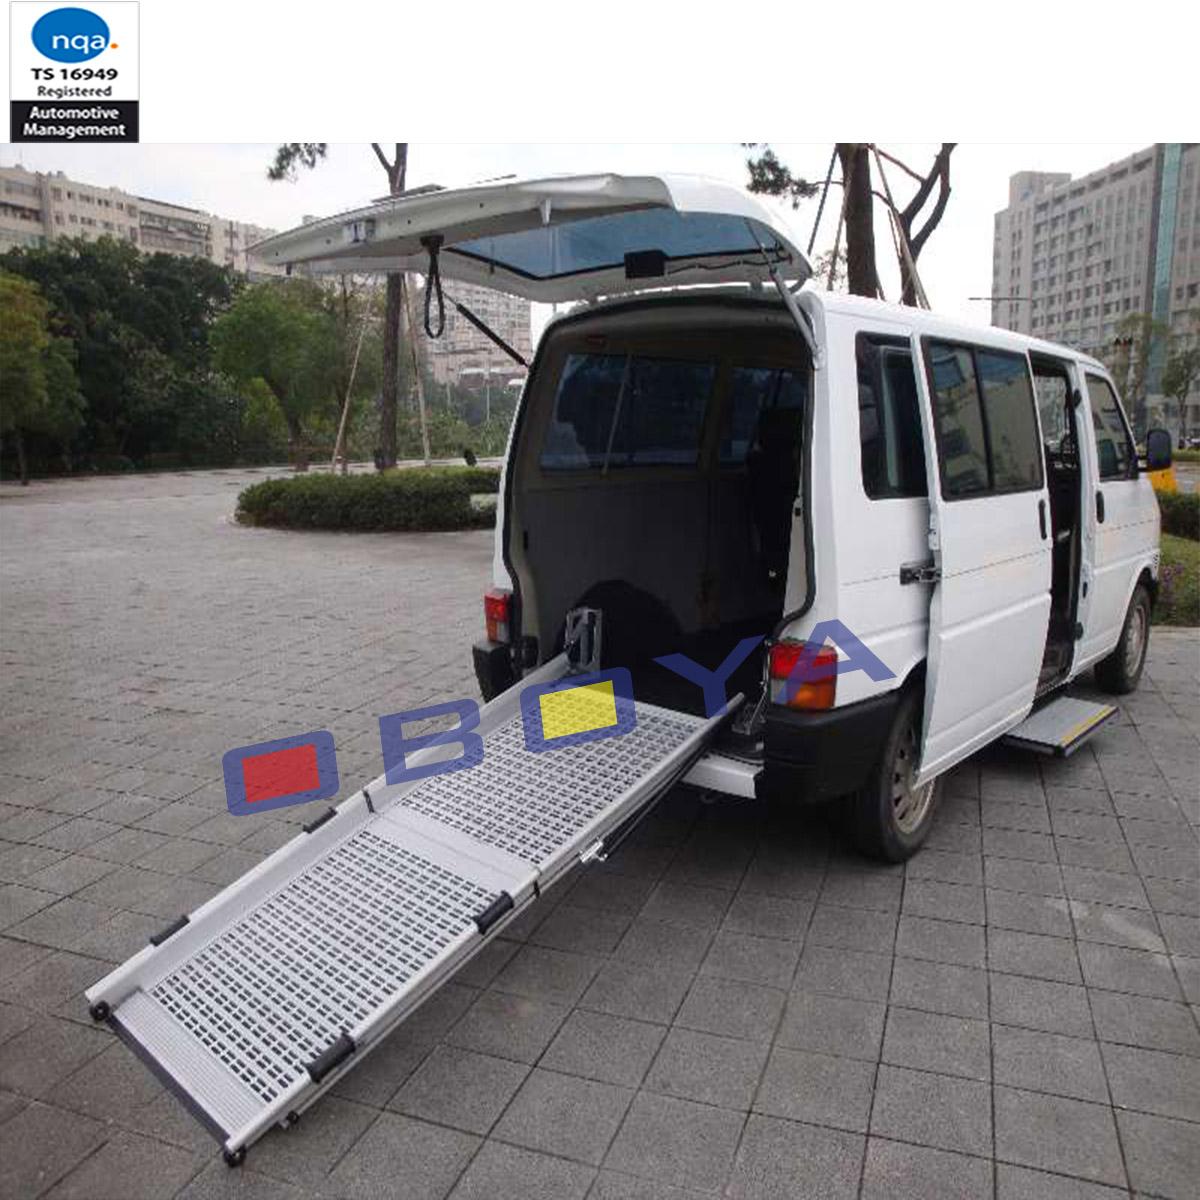 Vehicle ramp for Wheel chair